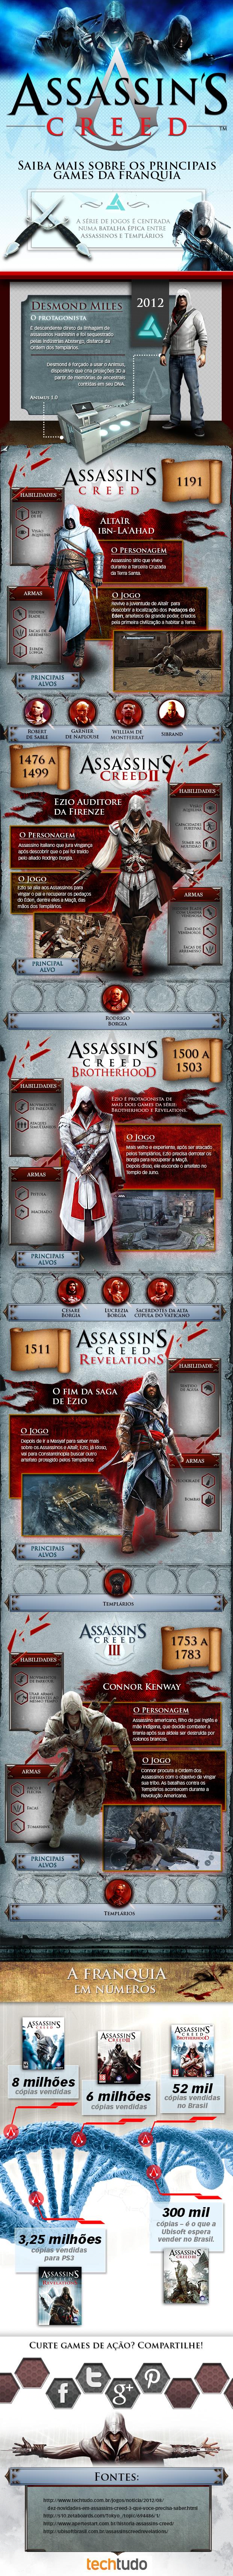 techtudo-infografico-assassins-creed Infográfico pra conhecer a história dos Assassin's Creed